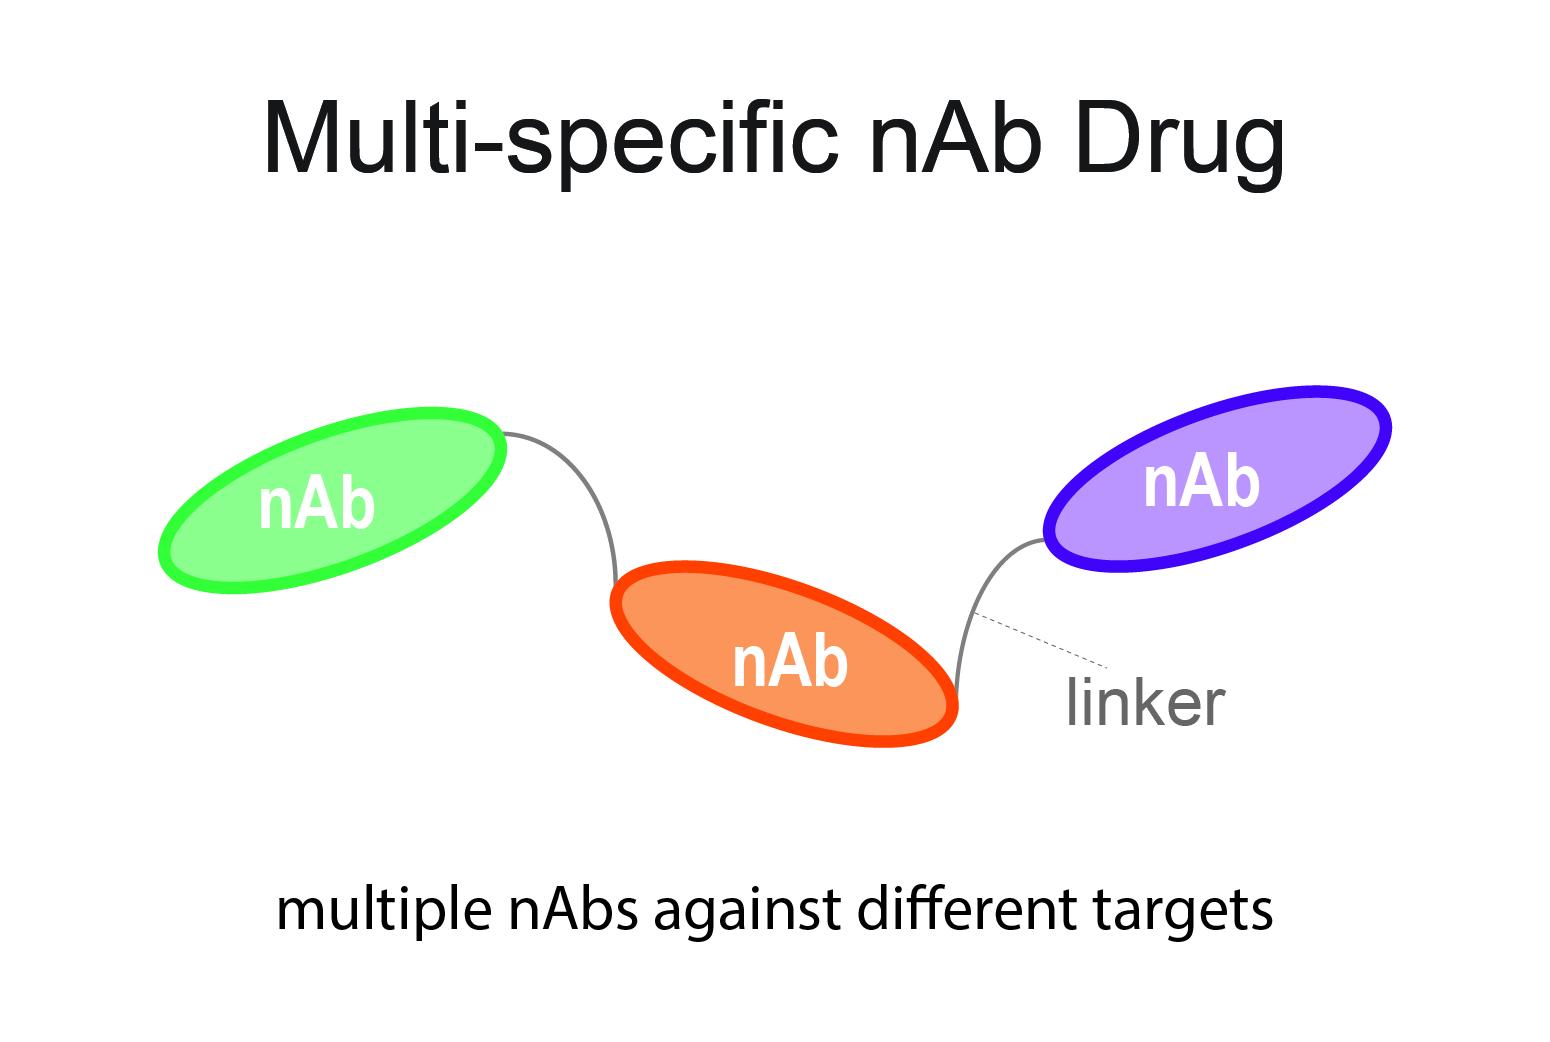 multi-specfic nAb drug